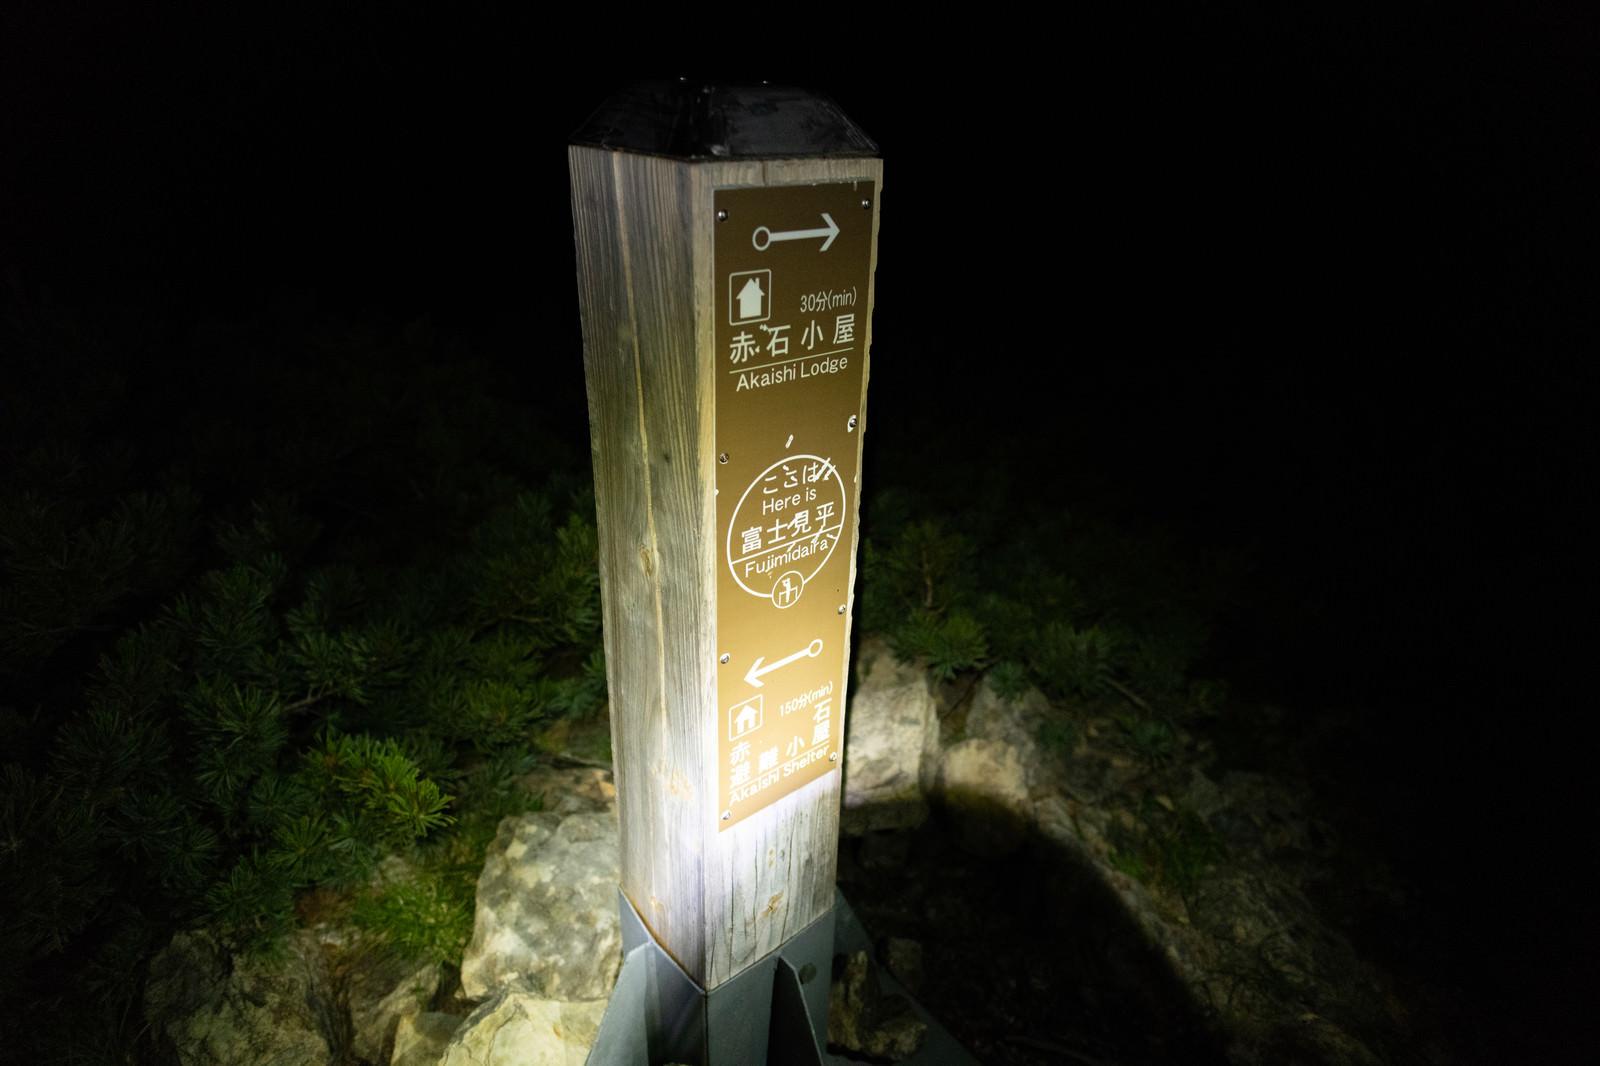 「深夜にライトを当てた赤石岳にある指導標(南アルプス)」の写真